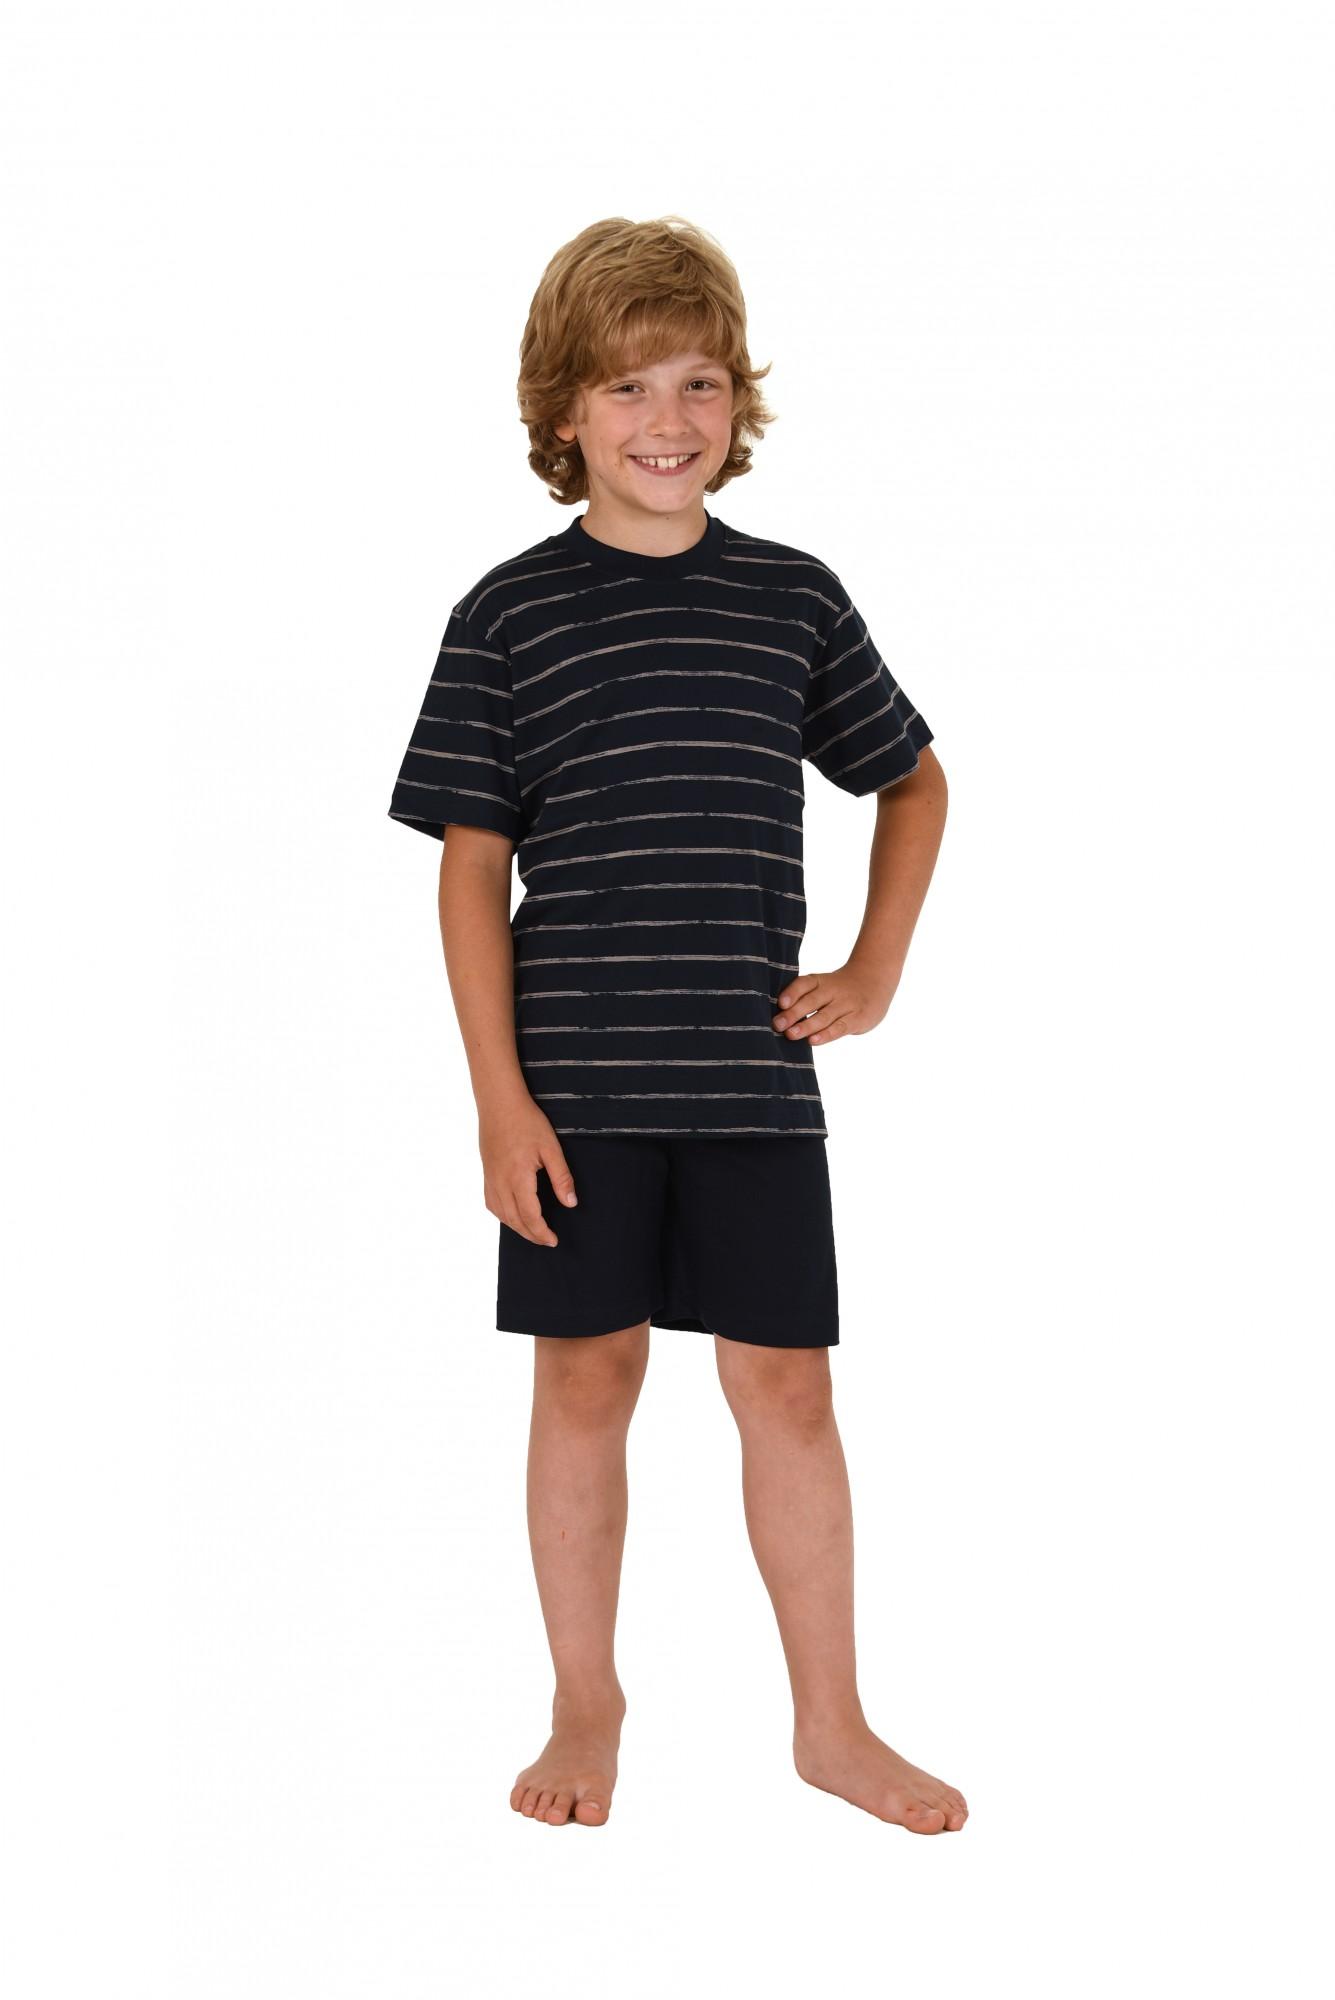 Jungen Kinder Shorty Pyjama kurzarm und mit Streifenoptik 171 505 90 741 – Bild 2